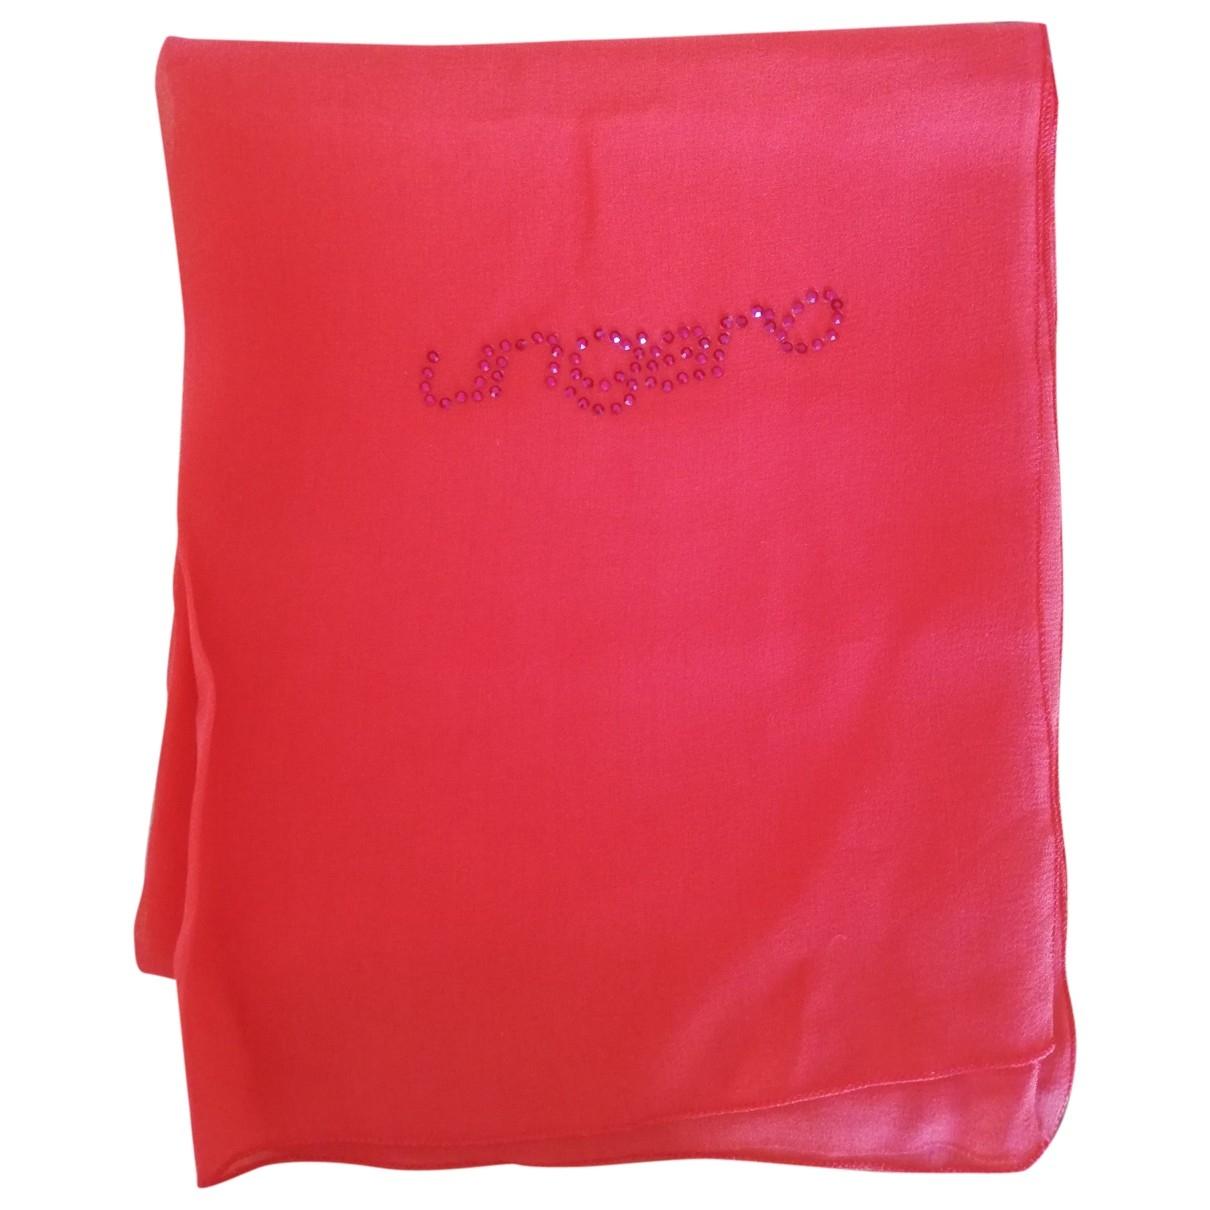 Emanuel Ungaro - Foulard   pour femme en soie - rouge